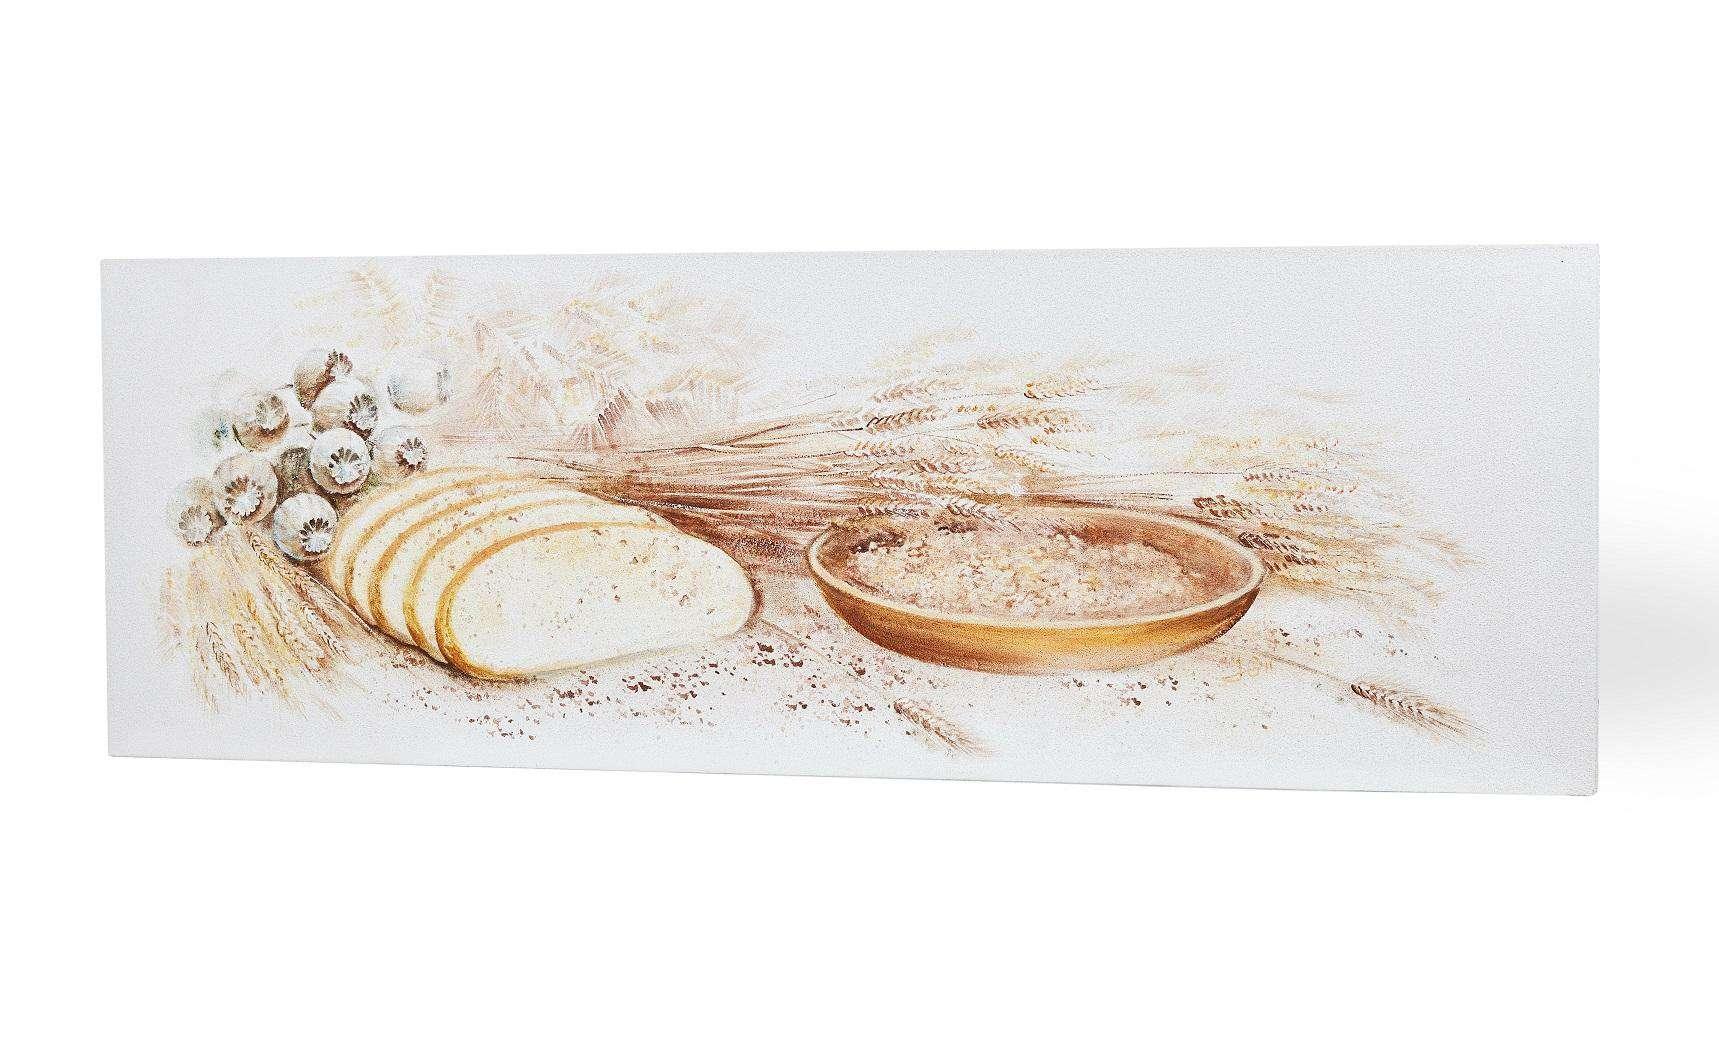 chleb 30 - Promienniki obrazy ręcznie malowane